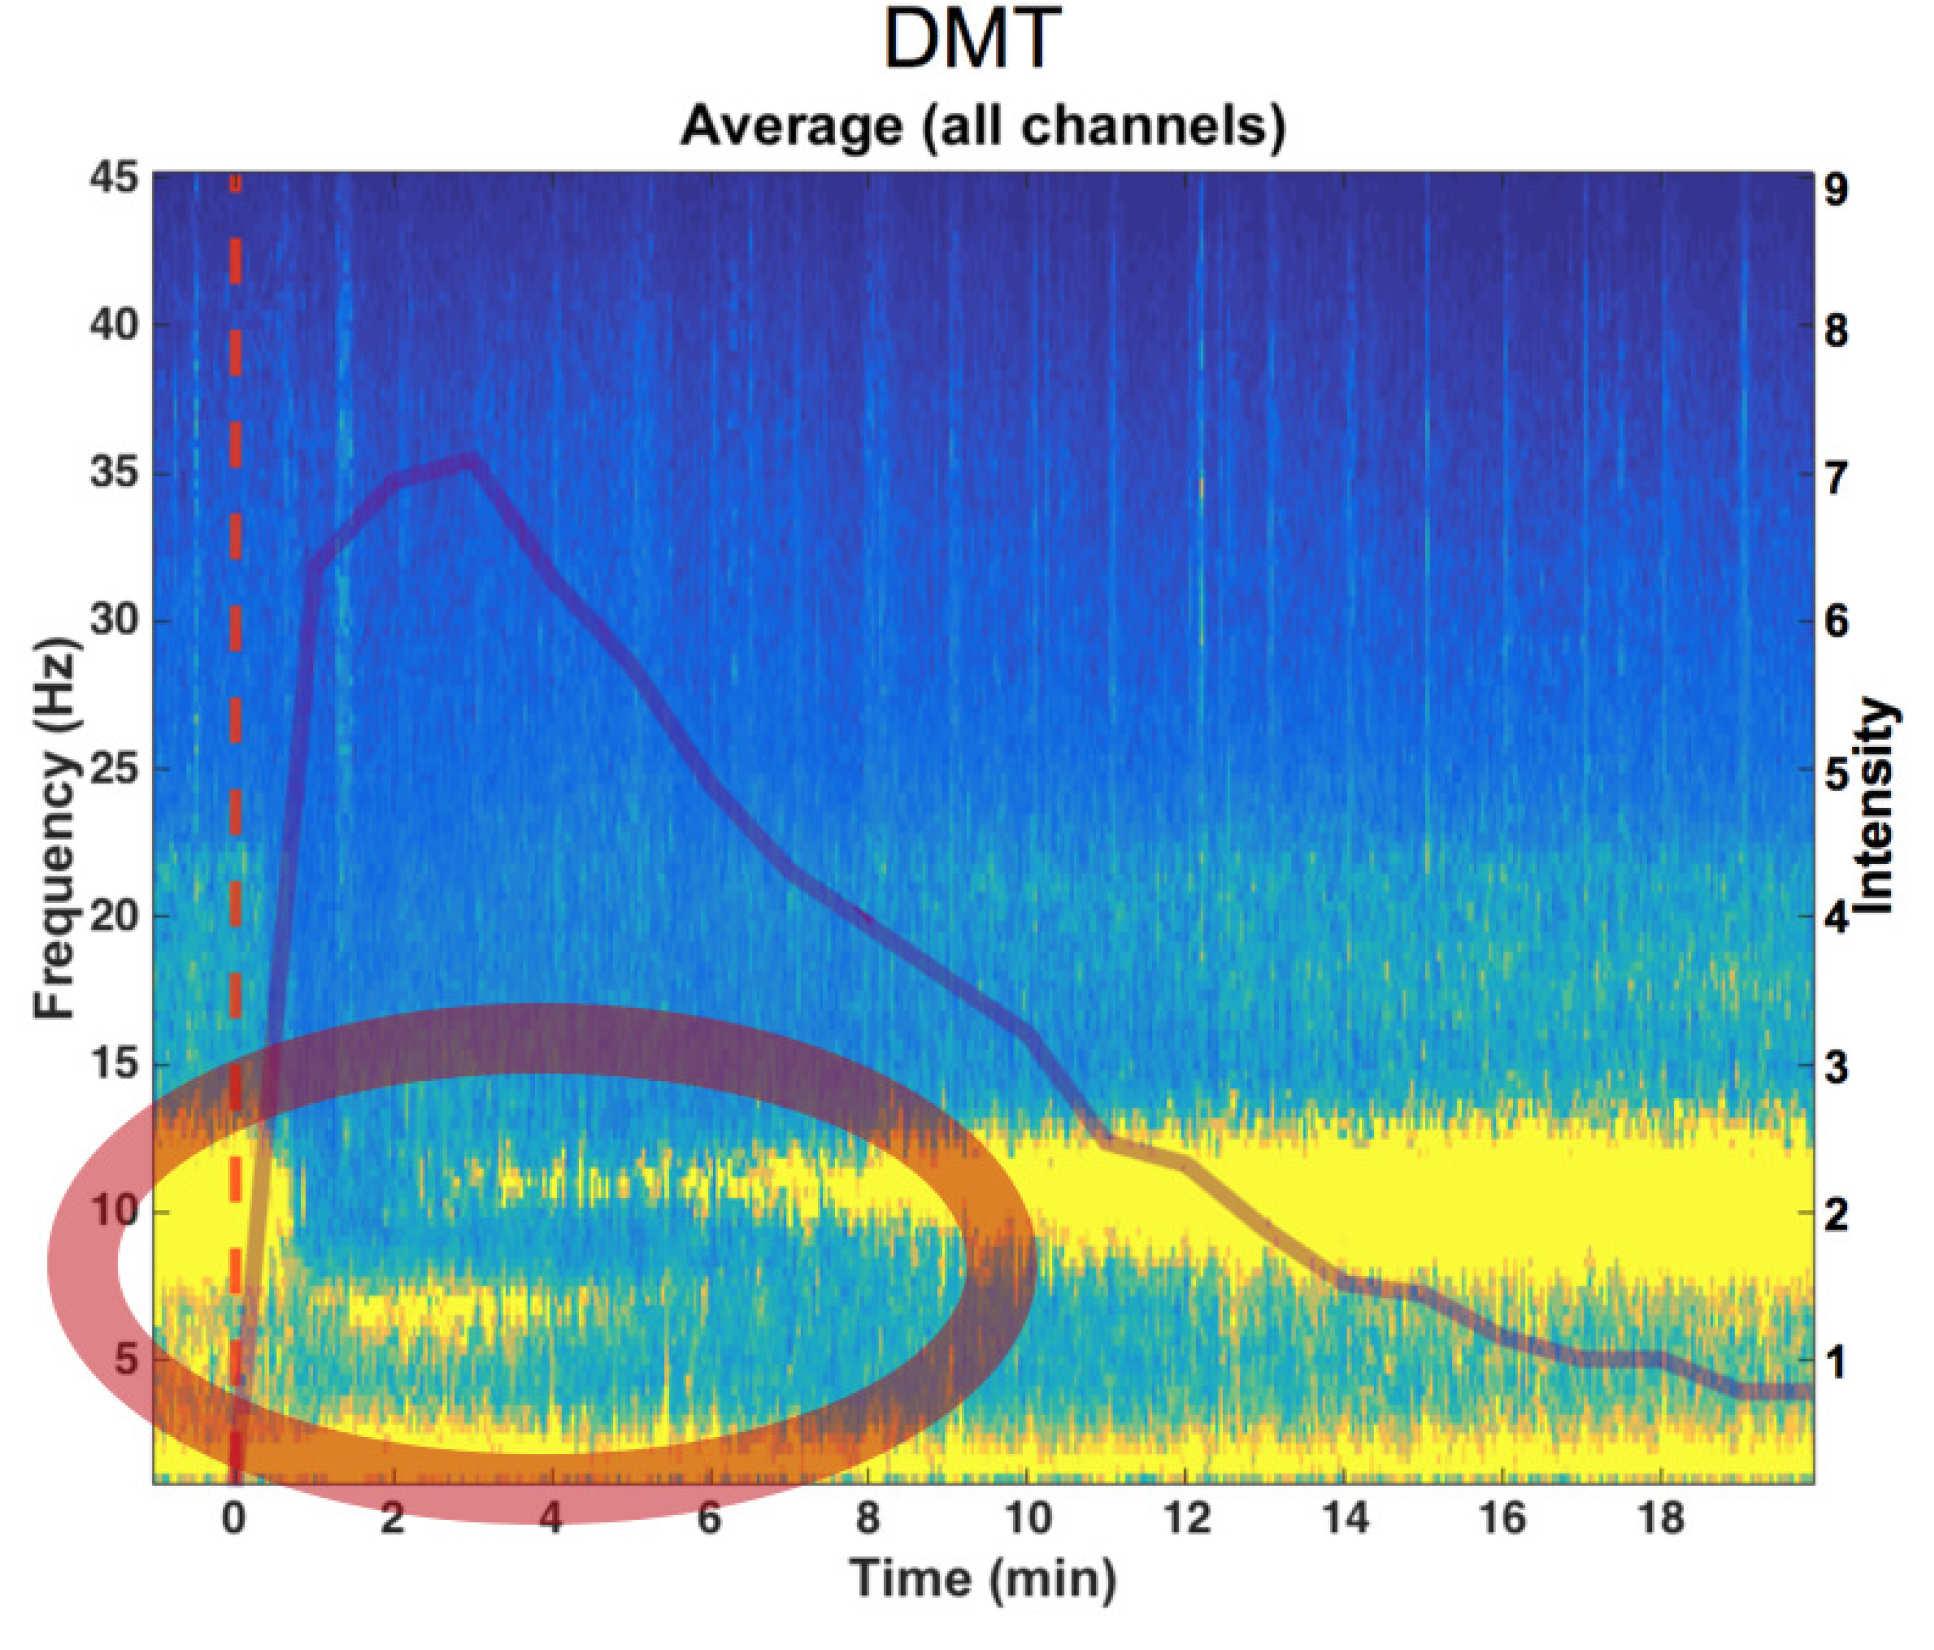 DMT altera significativamente la actividad eléctrica en el cerebro, caracterizada por un marcado descenso en las ondas alfa y un aumento en las ondas delta y theta. El círculo rojo muestra un aumento en las ondas delta y theta de baja frecuencia (Crédito: Chris Timmermann)